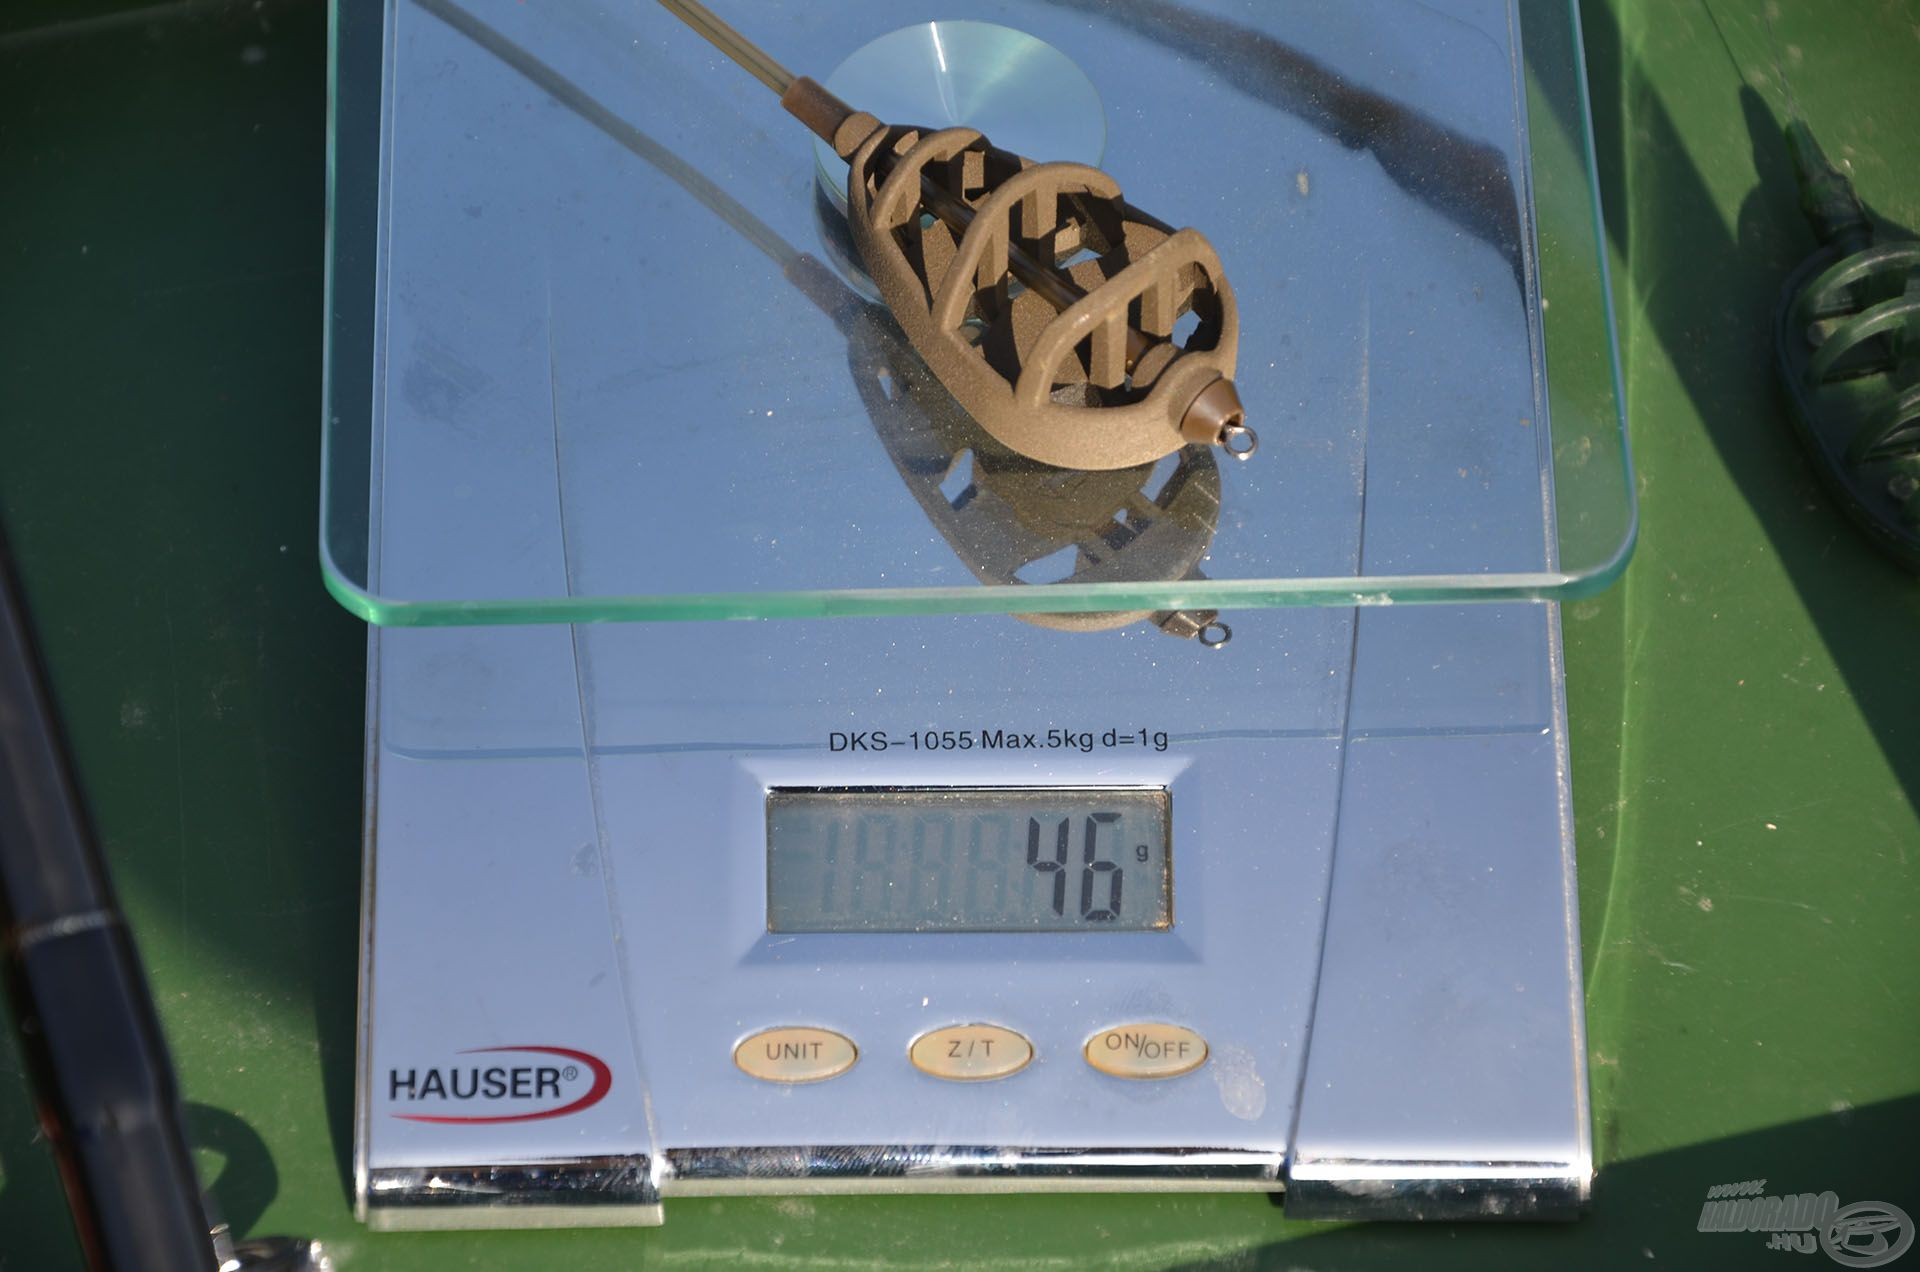 Üresen 46 g a Long Cast kosár